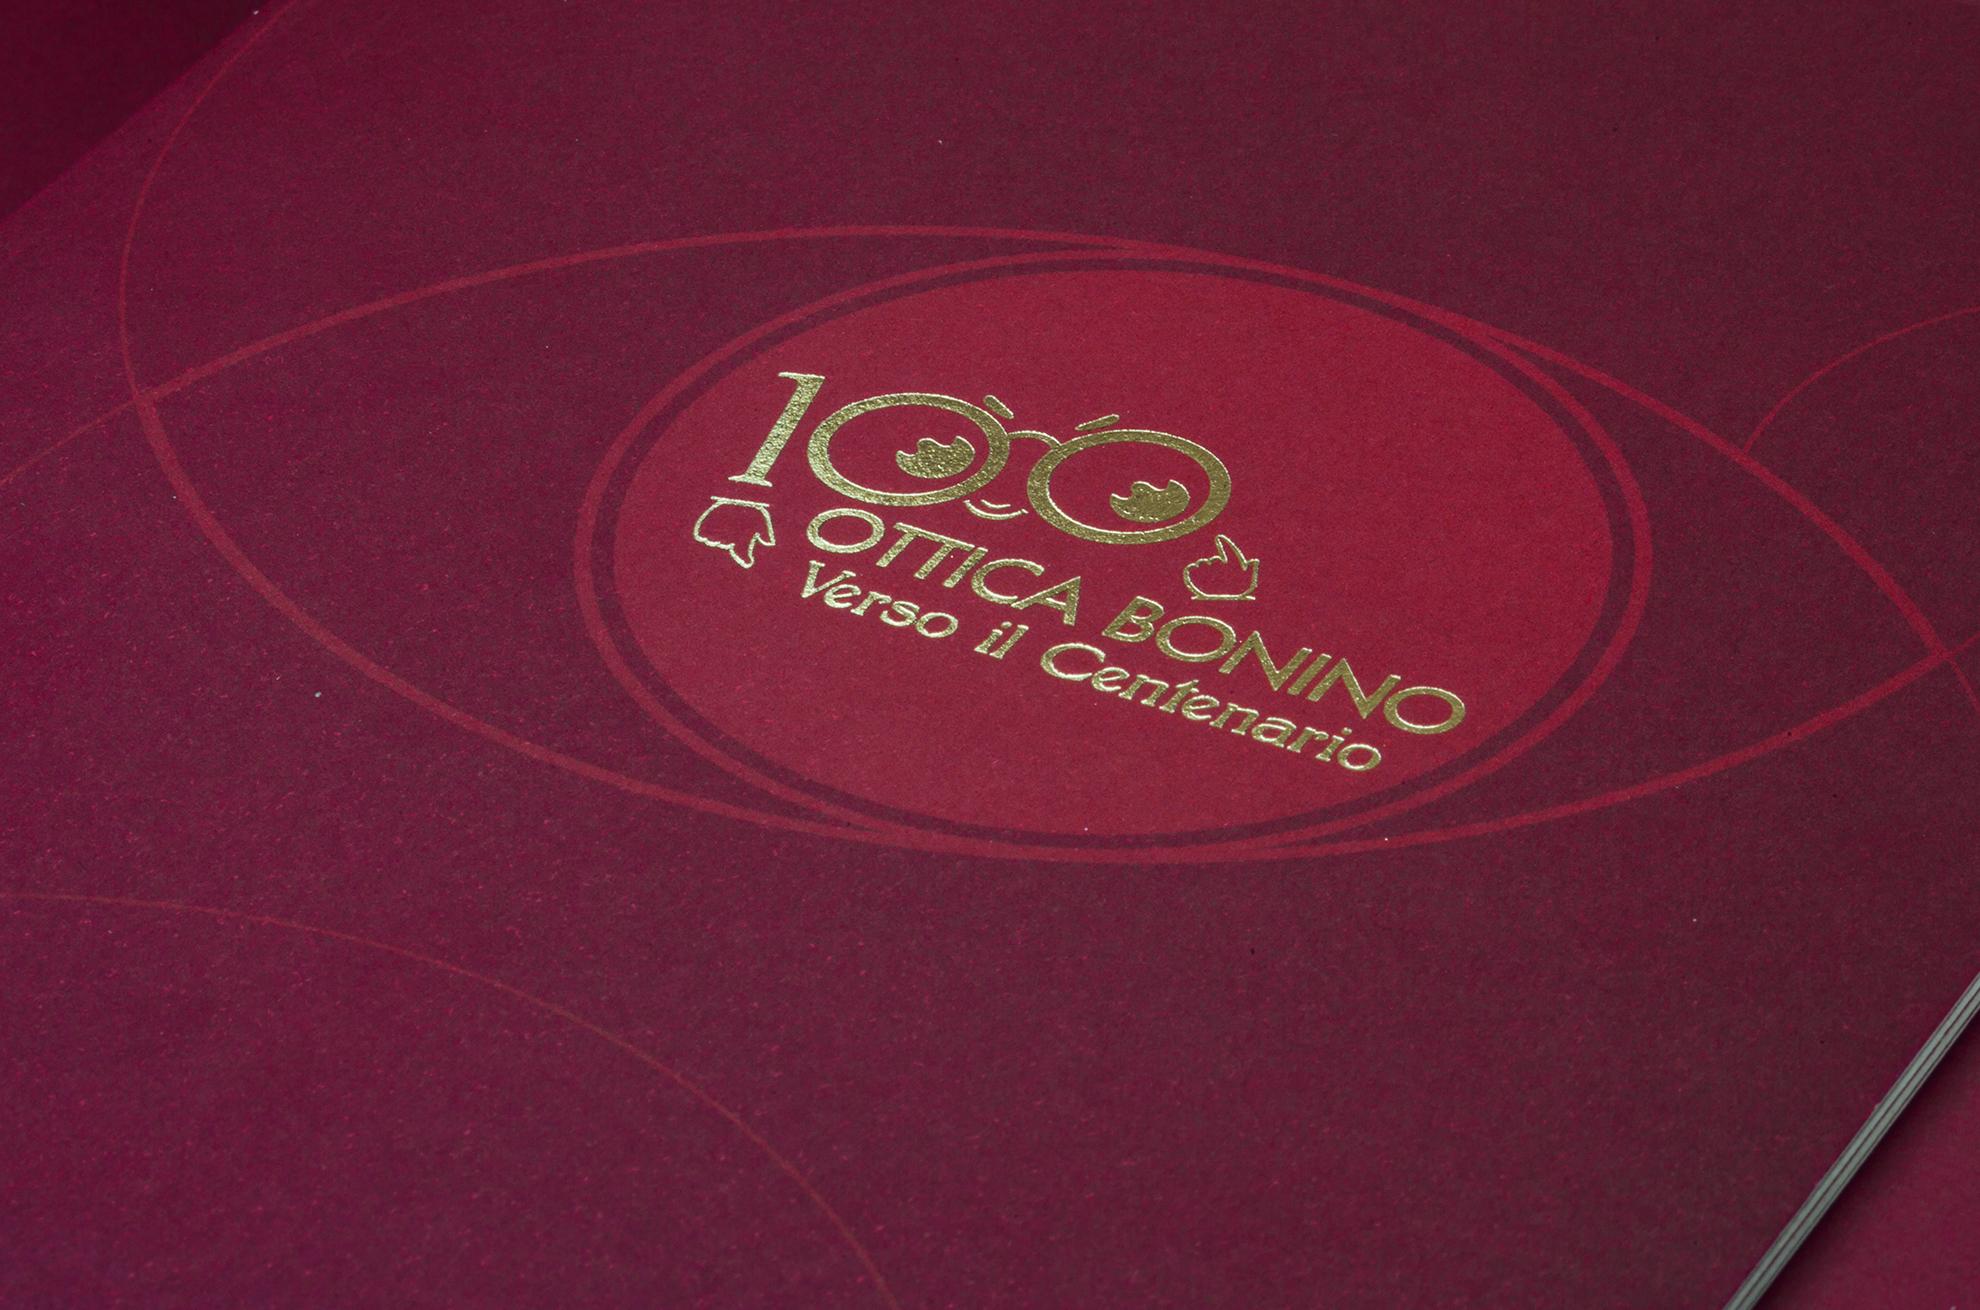 Verso il Centerario Ottica Bonino Brochure Rosso - Eleonora Casetta